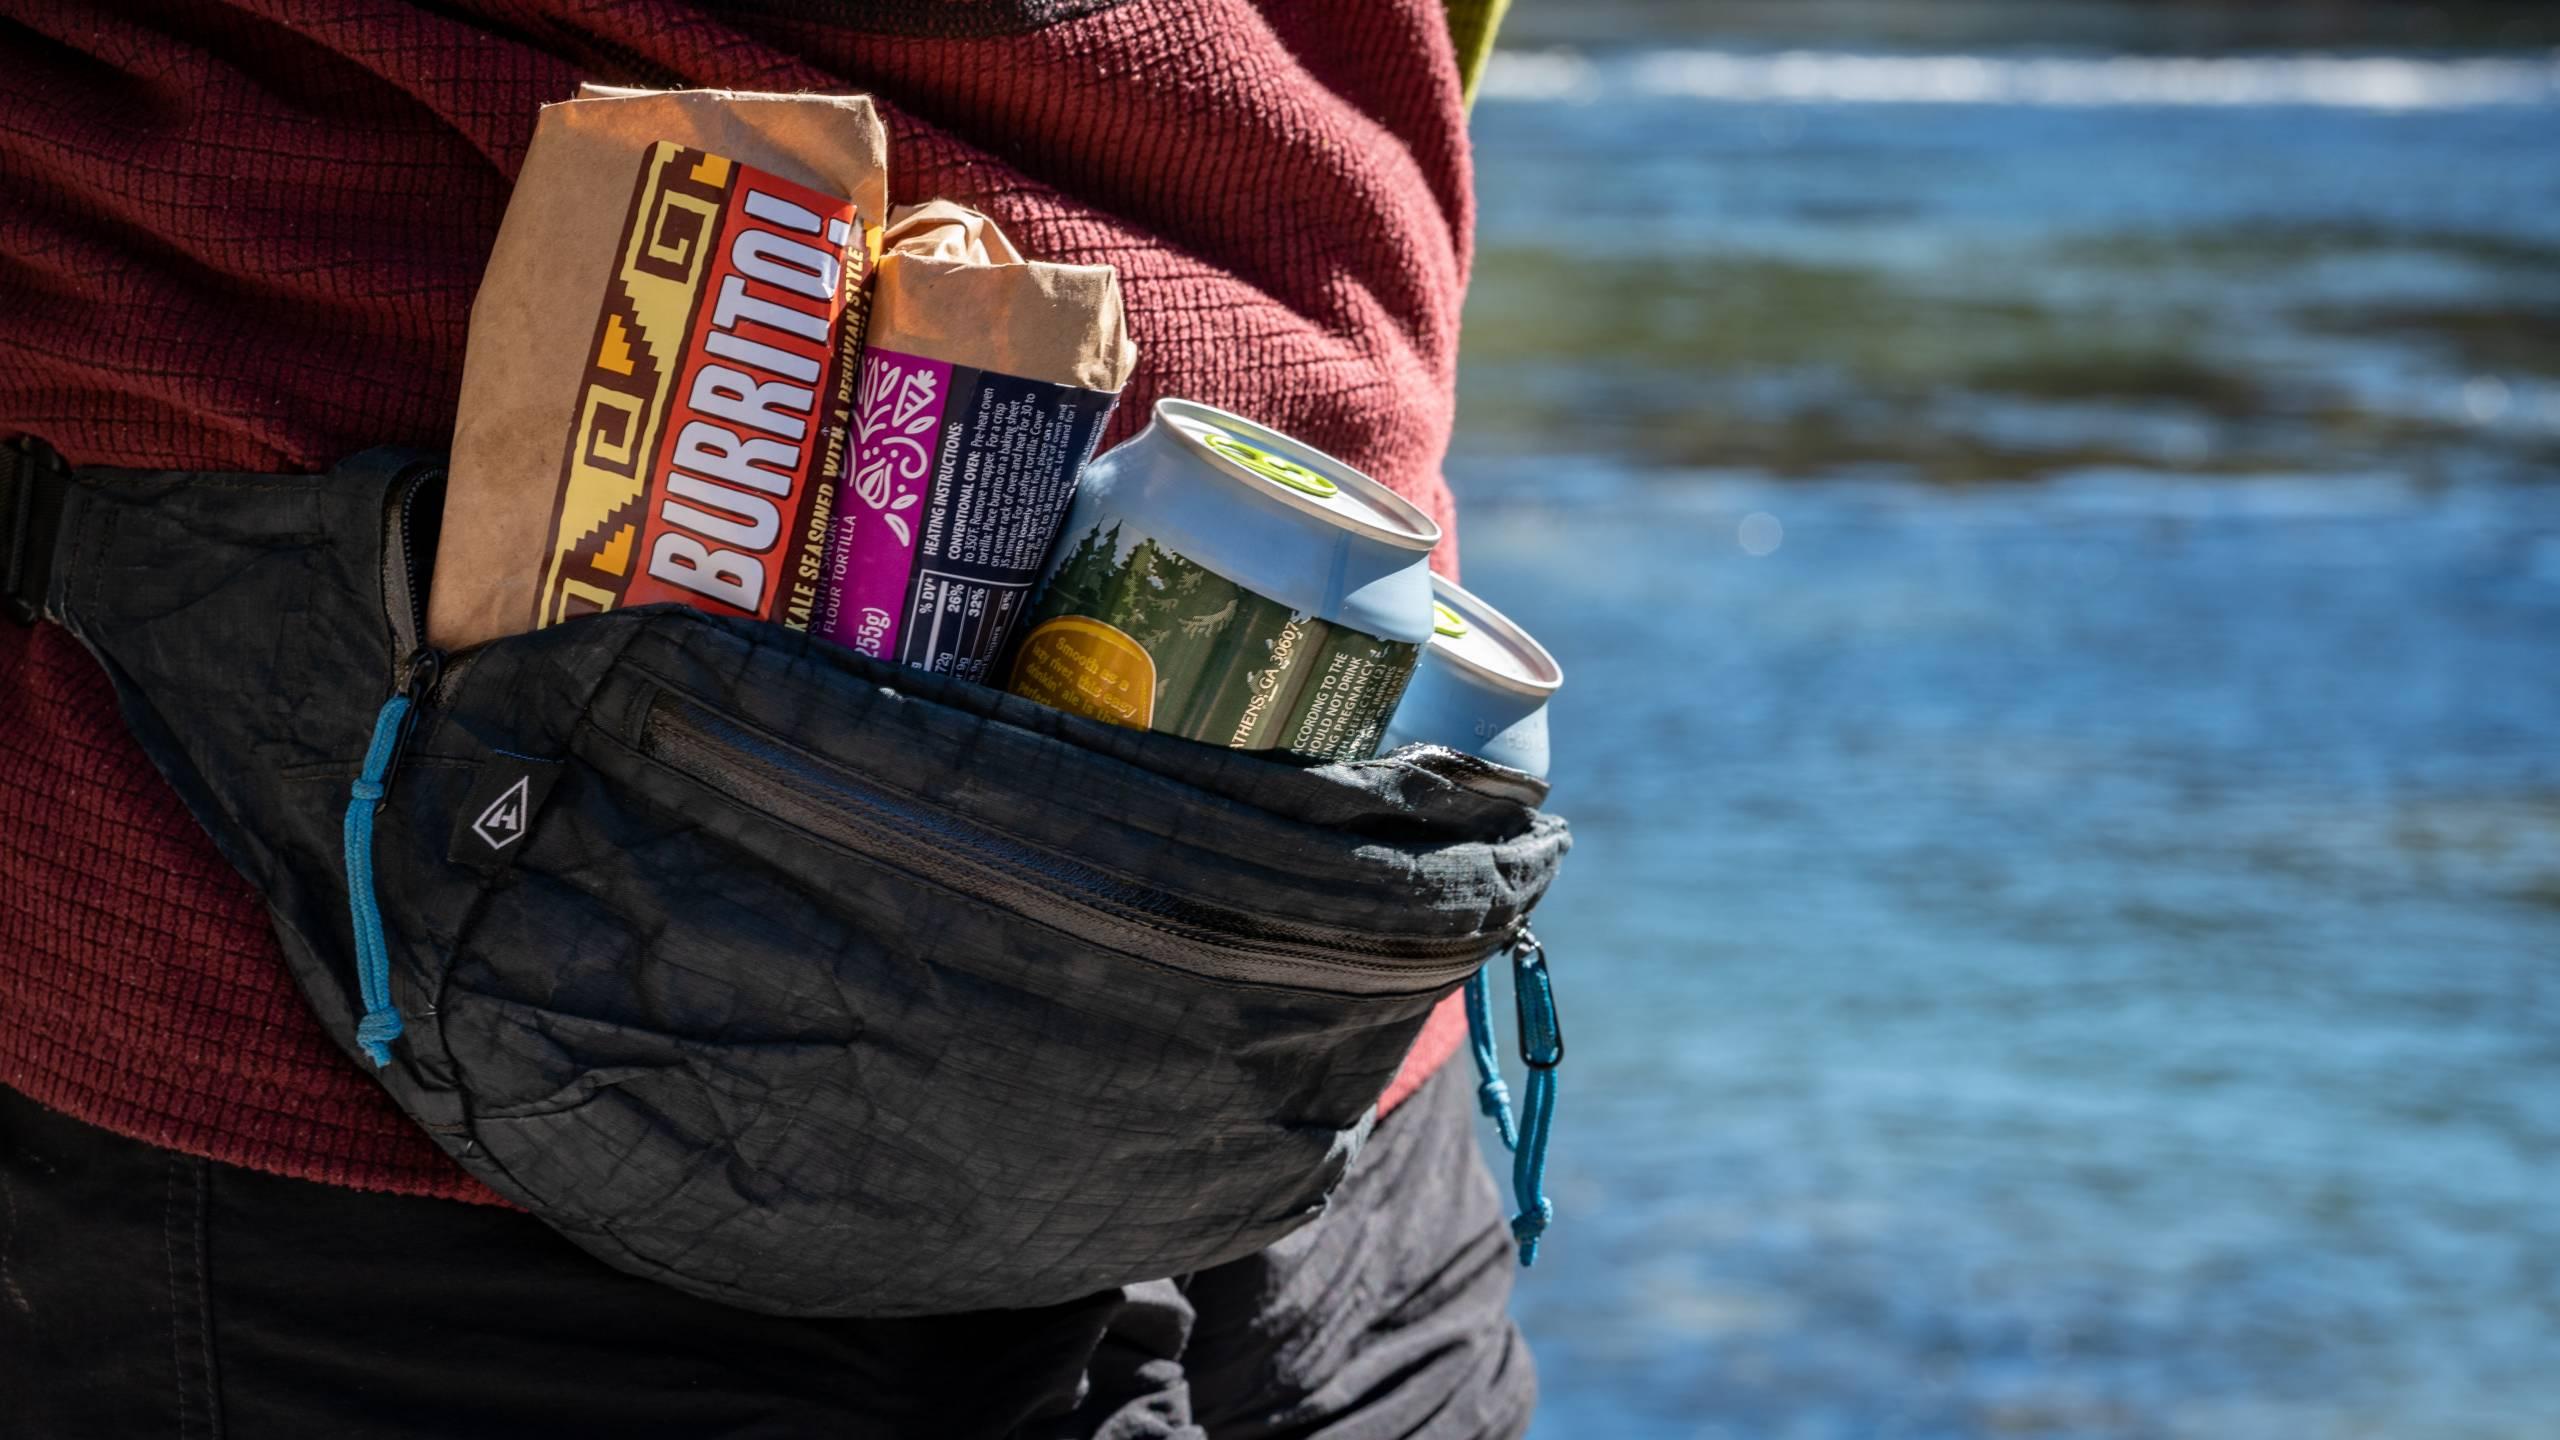 hyperlite-mountain-gear-versa-pack-lifestyle